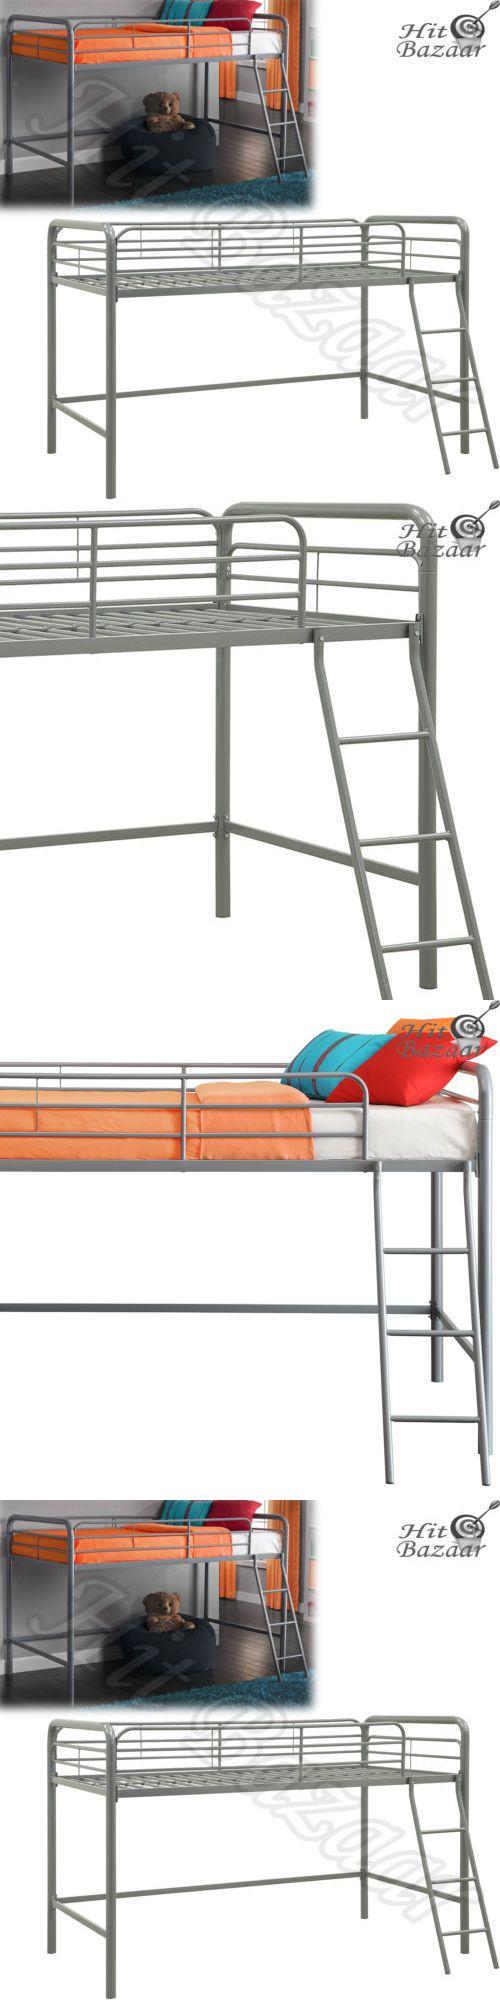 Kids Furniture: Loft Bunk Bed Junior Twin Metal Bedroom Furniture Kids Toddler Ladder Rail Frame -> BUY IT NOW ONLY: $122.68 on eBay!